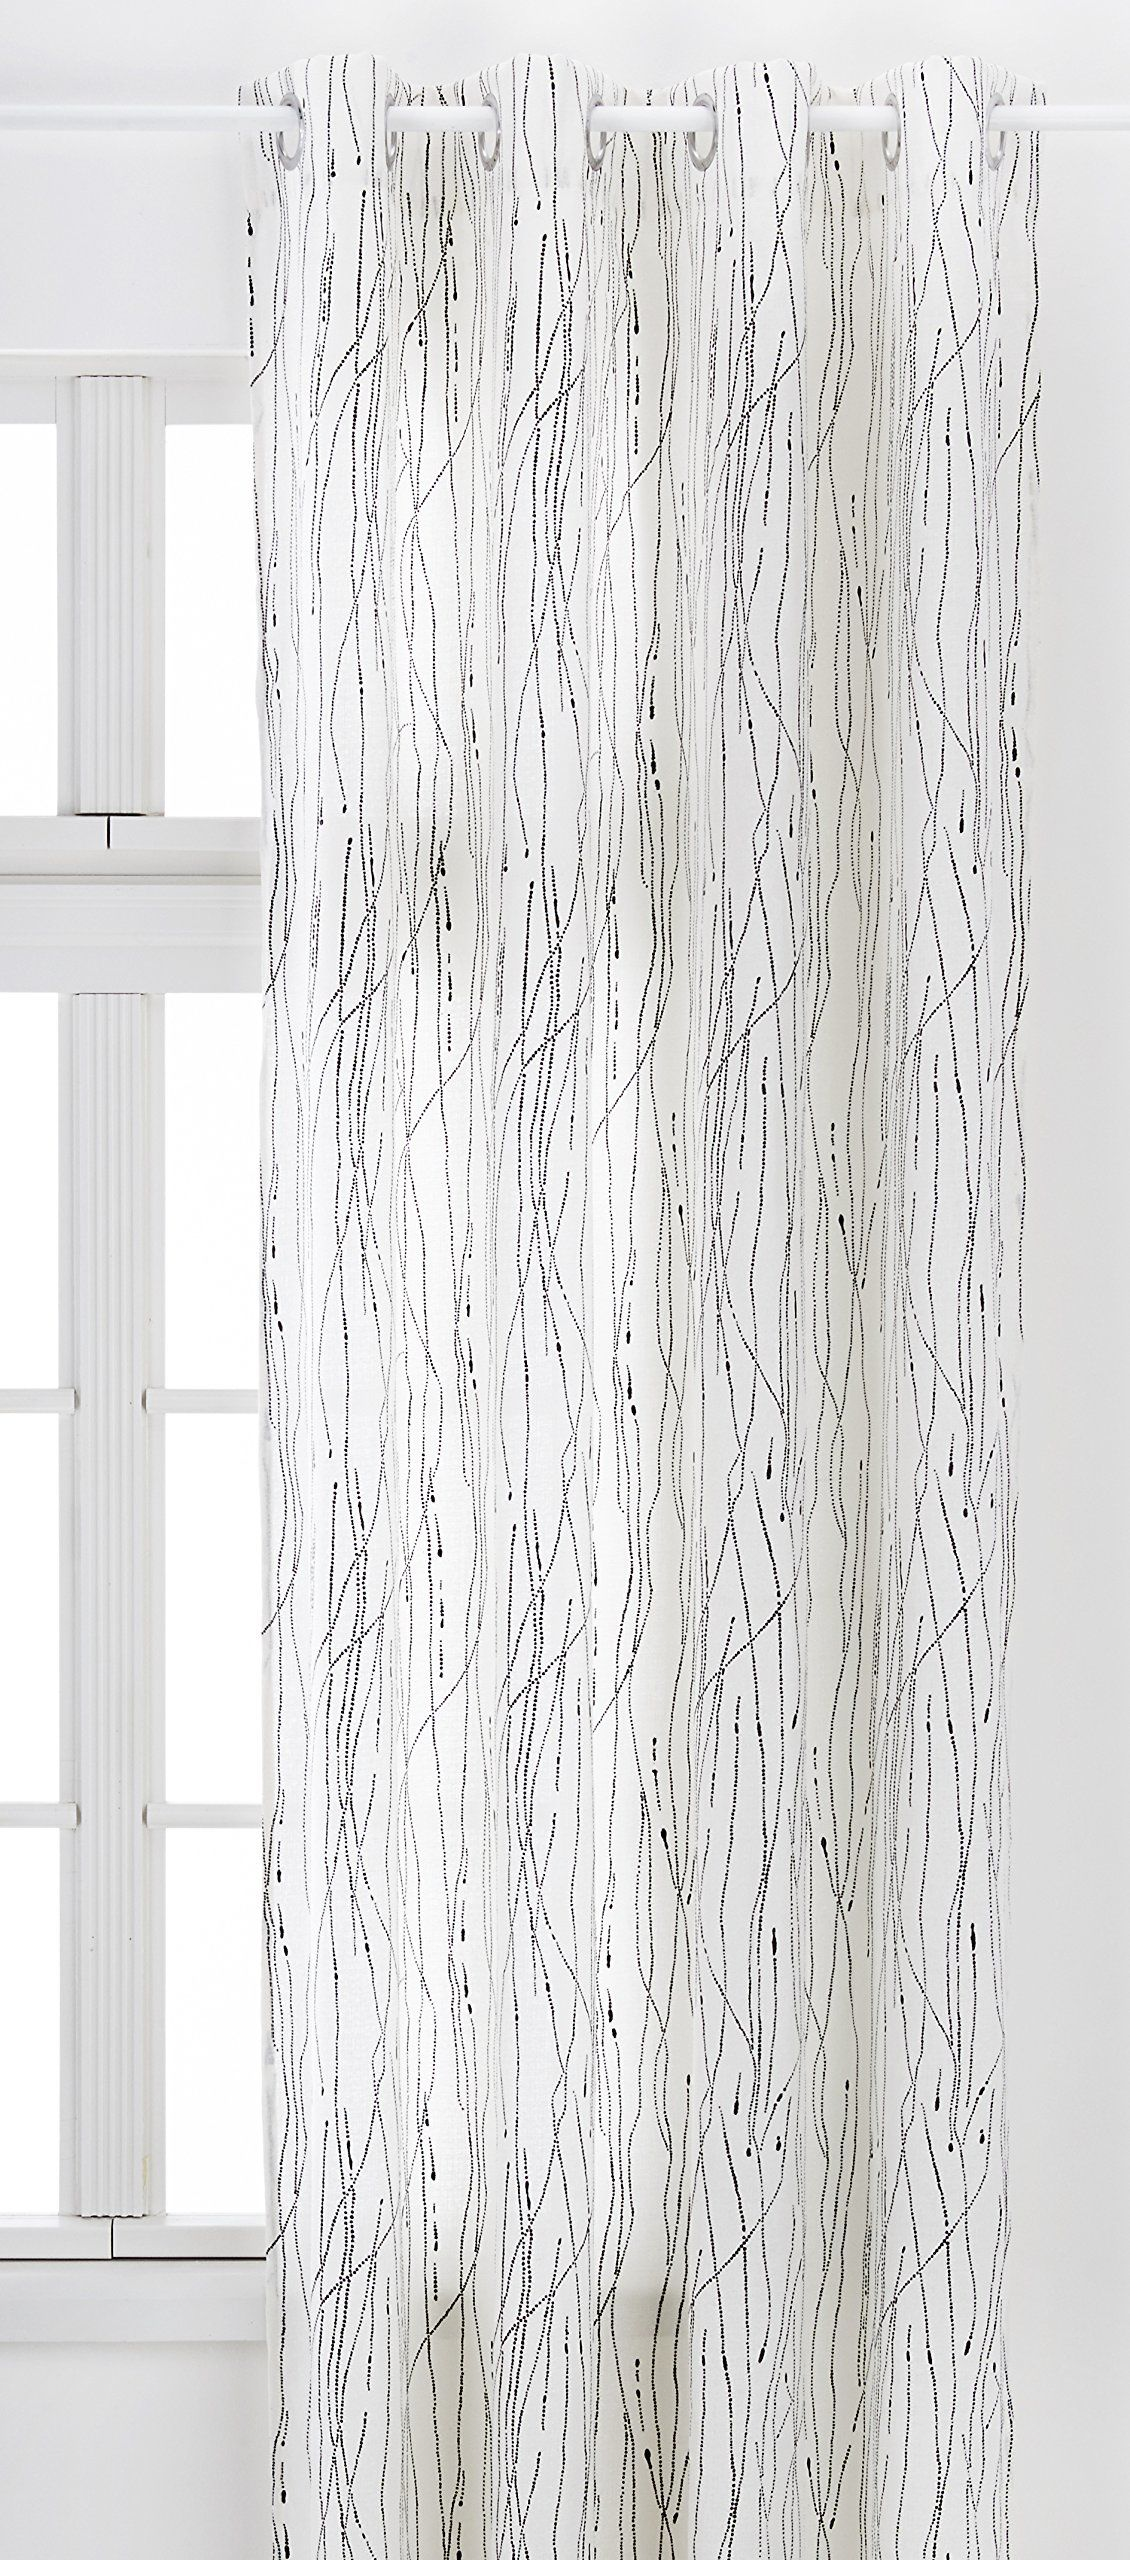 Home Maison 09399 8-al zasłony płótno zadrukowane okrągłe oczka 140 x 260 cm, Ivoire/Argent, 140 x 260